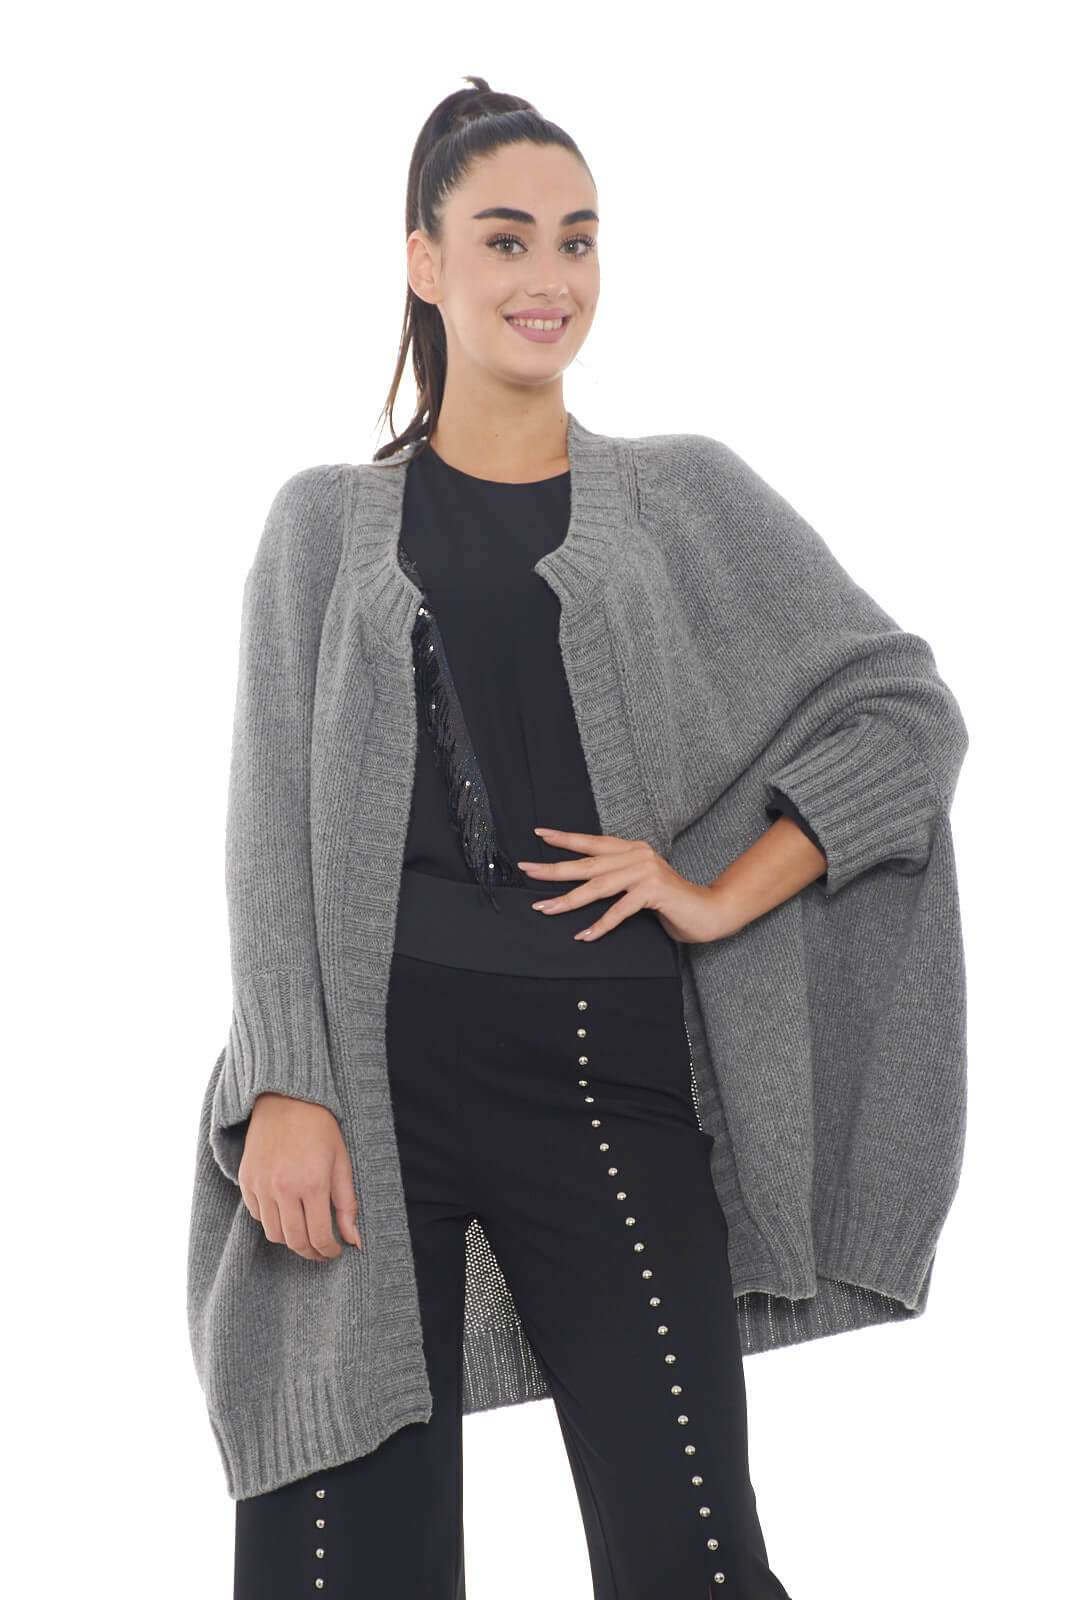 Un cardigan caldo e confortevole, quello firmato Isabella Clementini. Ideale da indossare sopra maglioncini o bluse, per completare outfit sempre di tendenza.  La modella è alta 1,78m e indossa la taglia S.